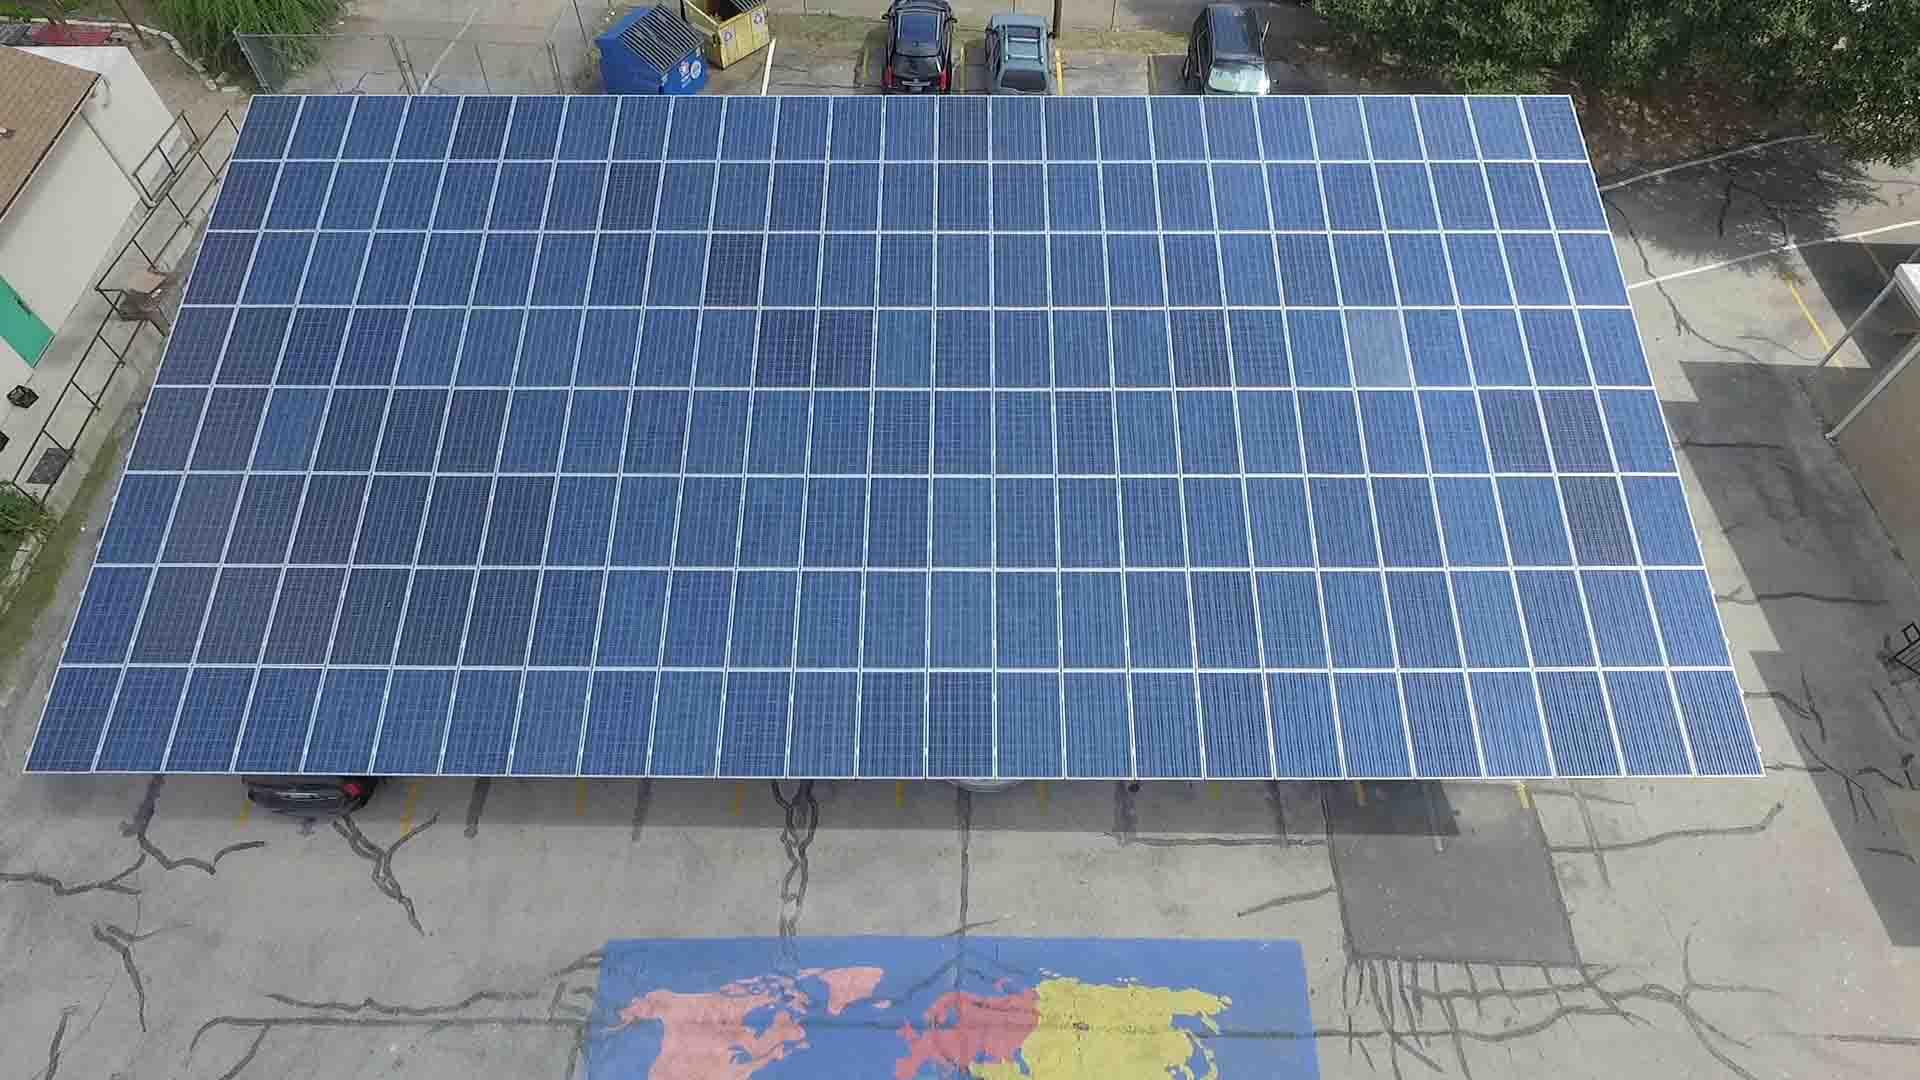 Cedars-International-Academy-Rooftop-Solar-Installation